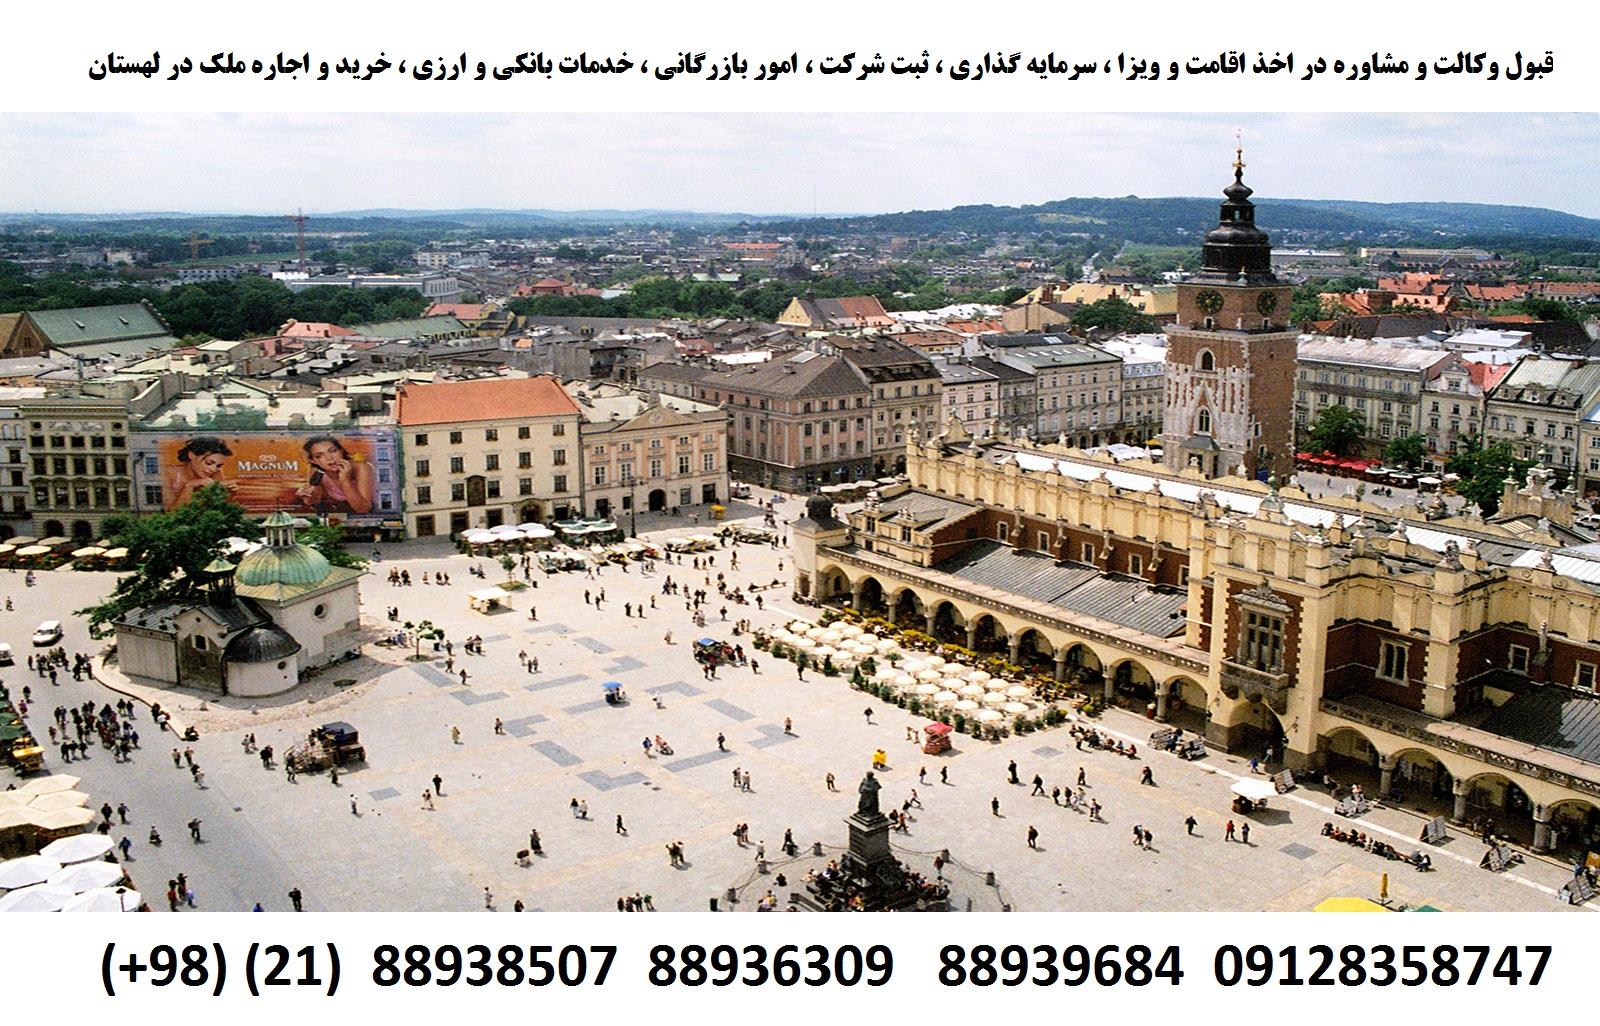 اقامت ، ویزا، ثبت شرکت ، سرمایه گذاری در لهستان (2)